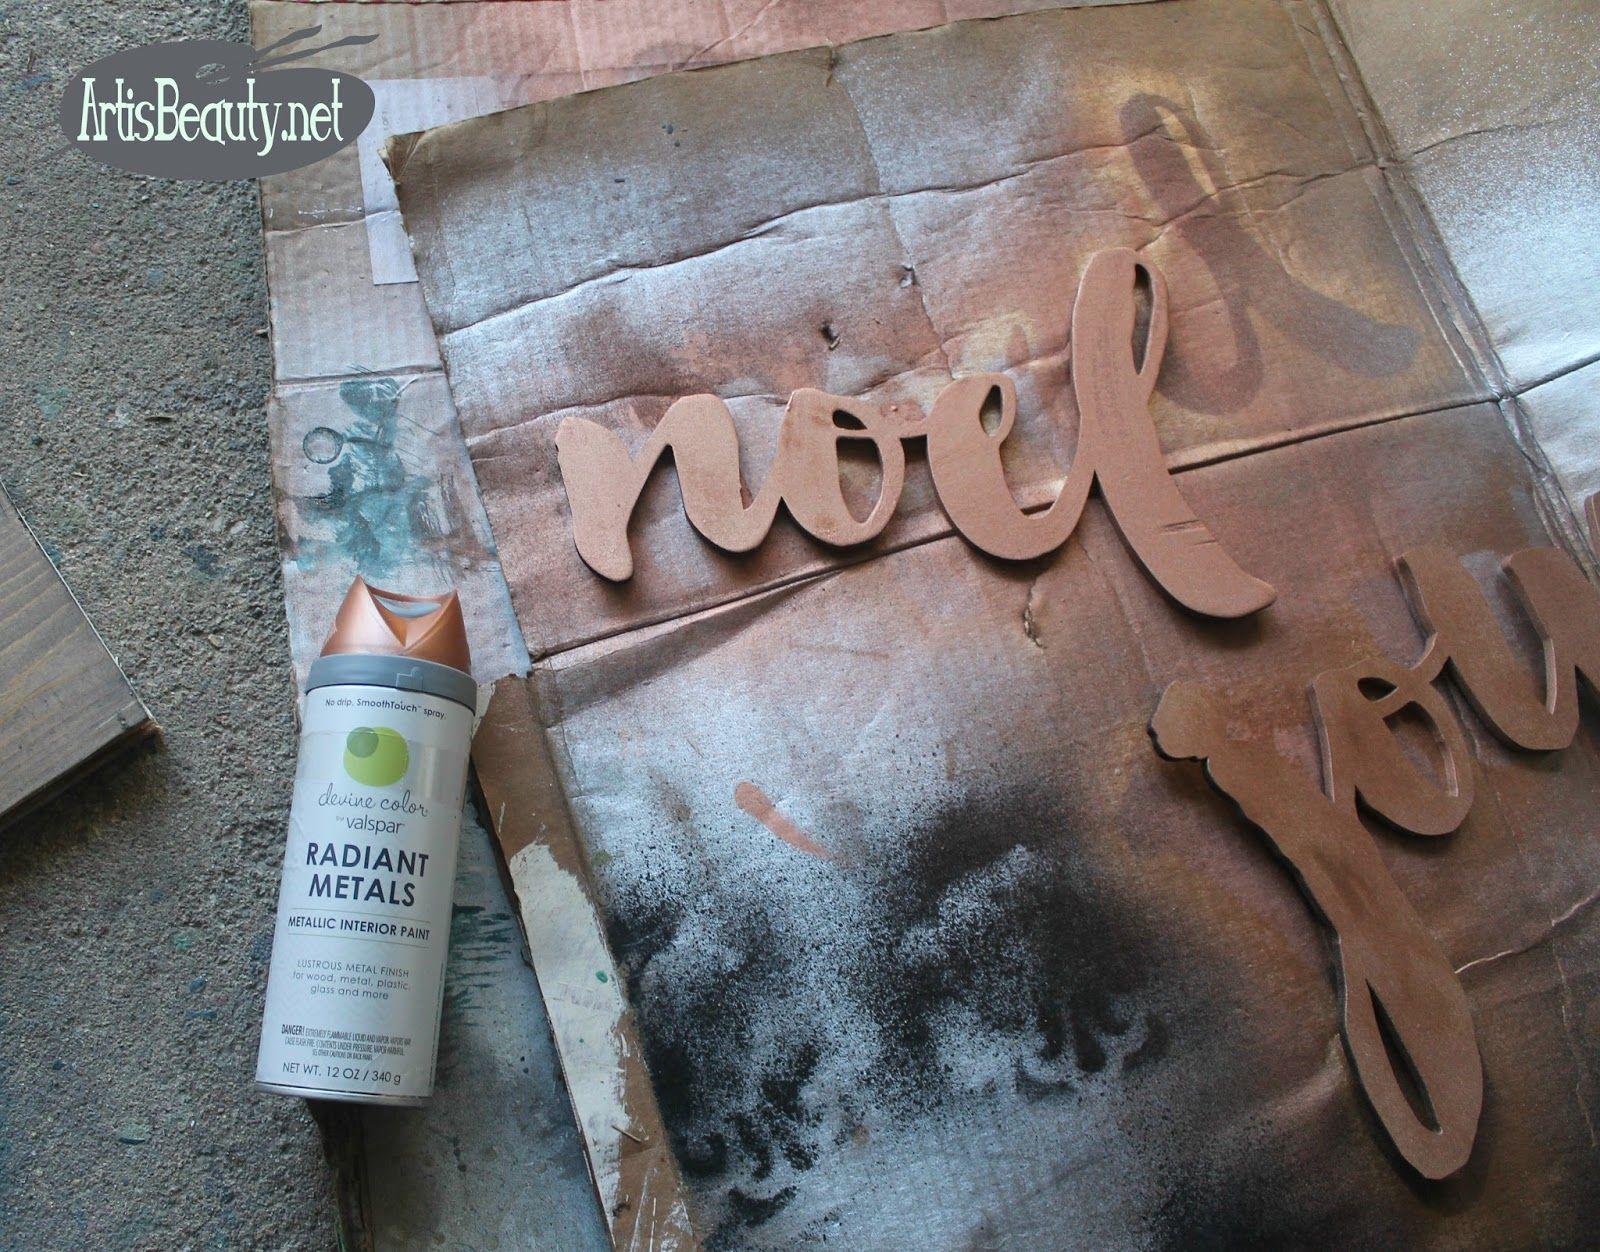 bd22551ab02d devine color valspar radiant metals copper spray paint christmas signs joy  noel vintage shiplad driftwood craft diy